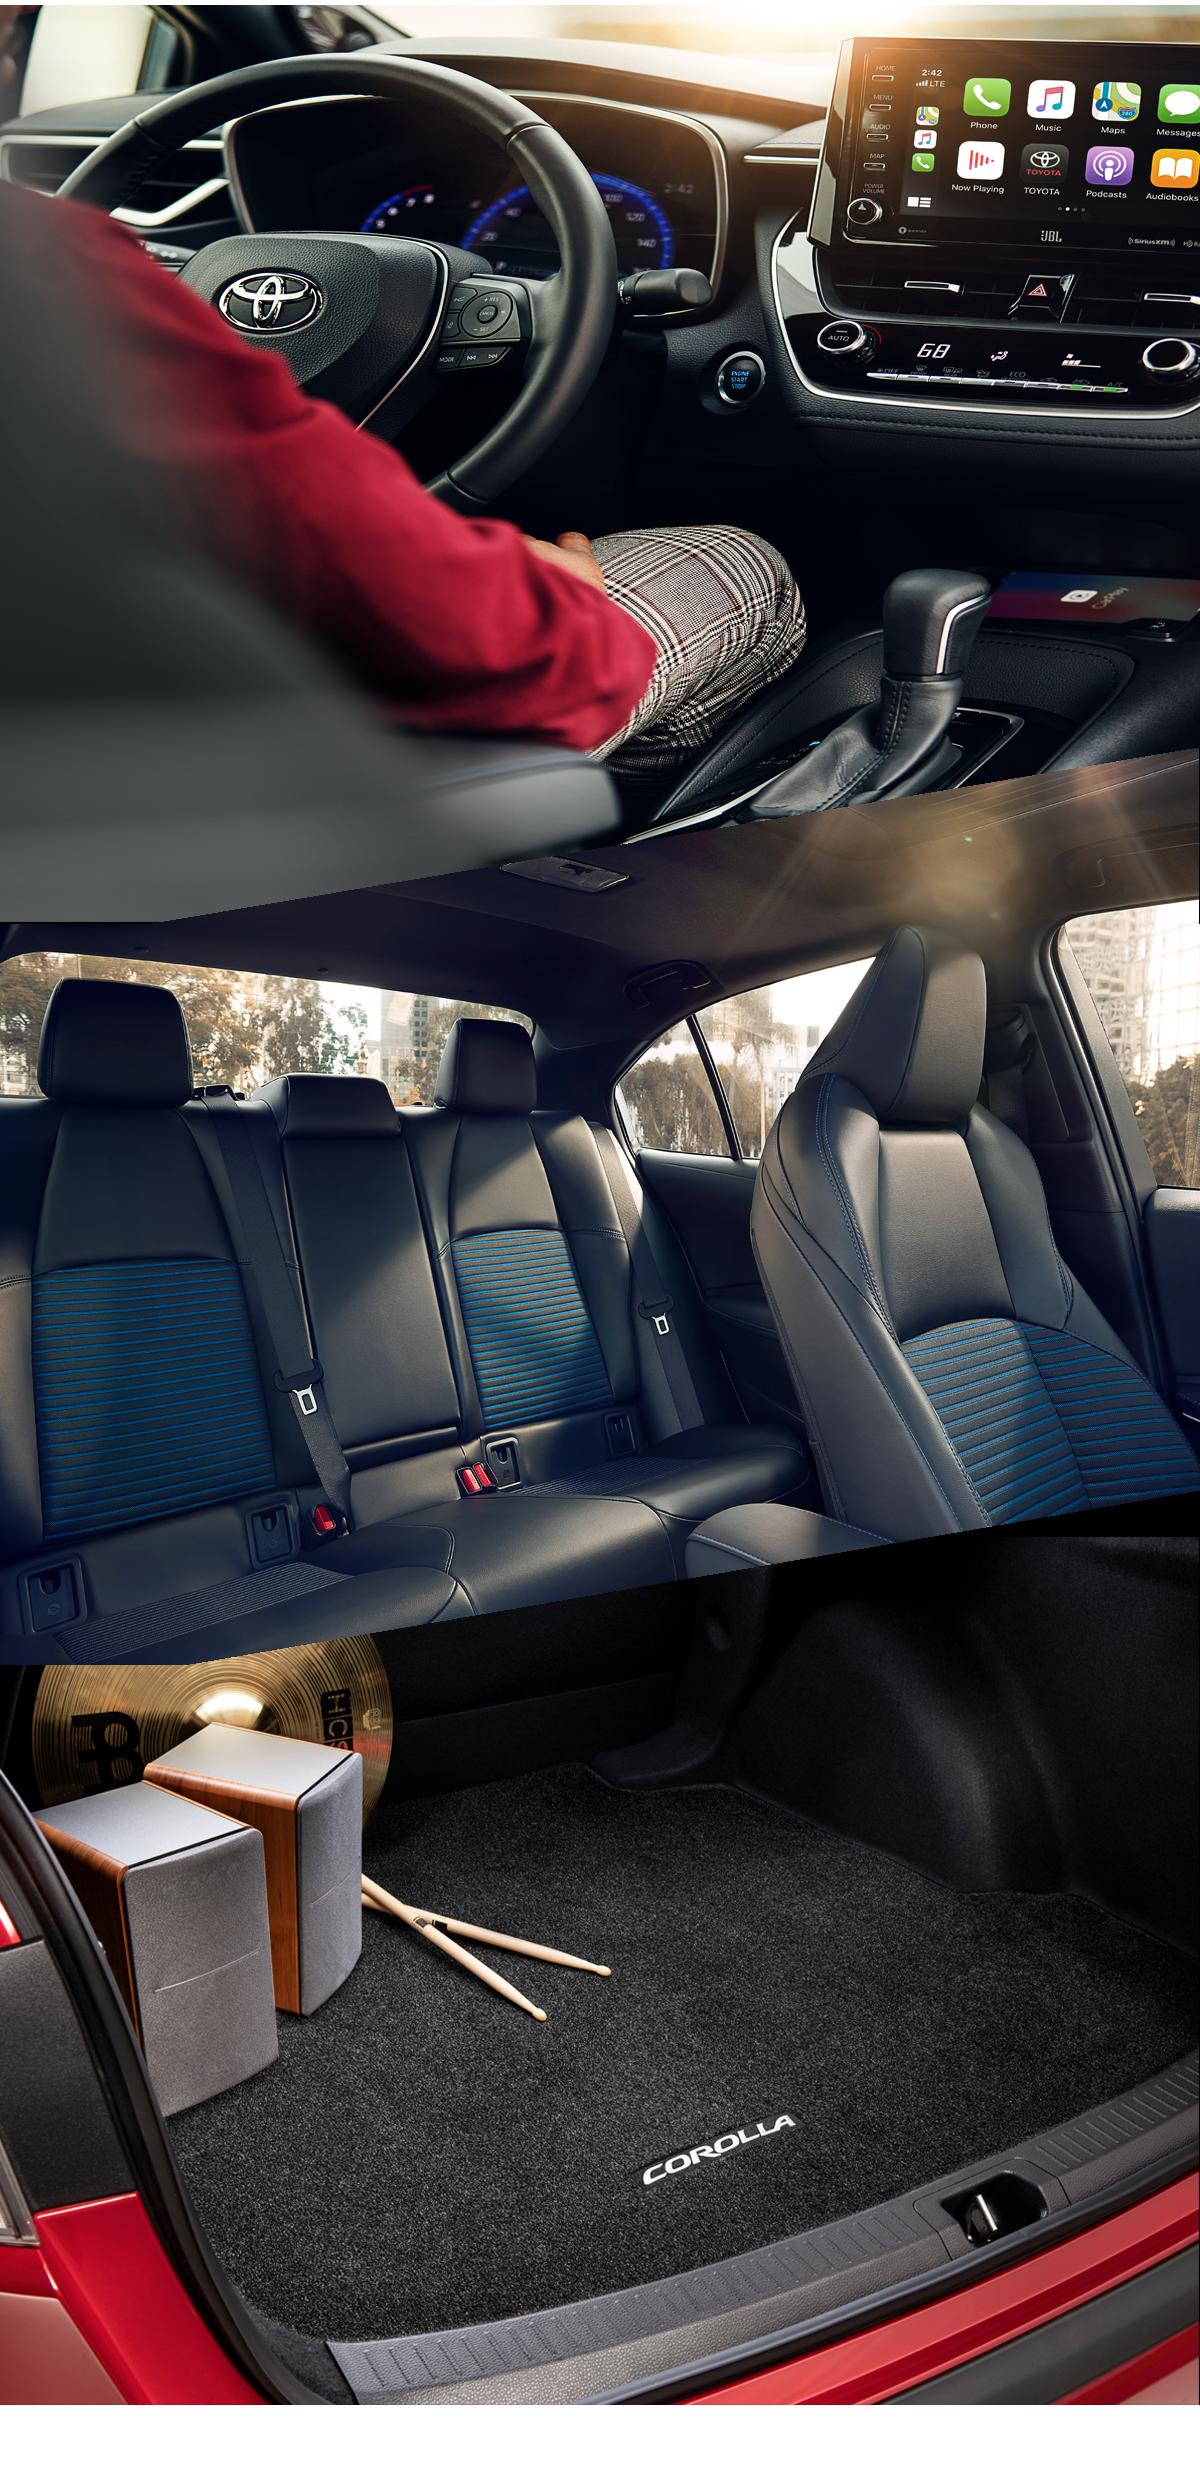 2021 Toyota Corolla Interior Thomasville, GA